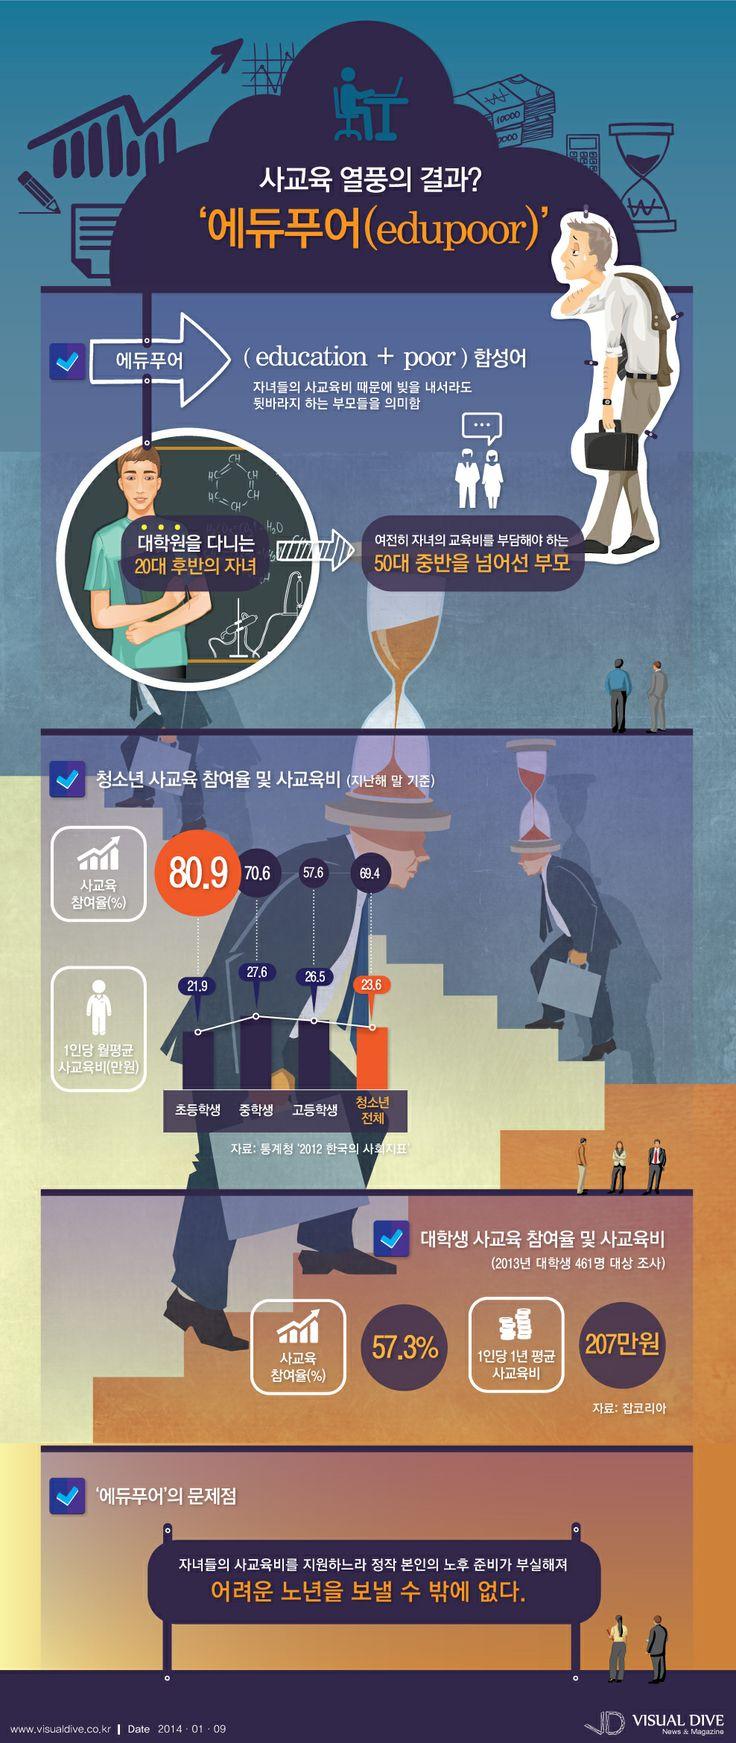 [인포그래픽] 사교육 열풍의 폐해 '에듀푸어' #edupoor / #Infographic ⓒ 비주얼다이브 무단 복사·전재·재배포 금지